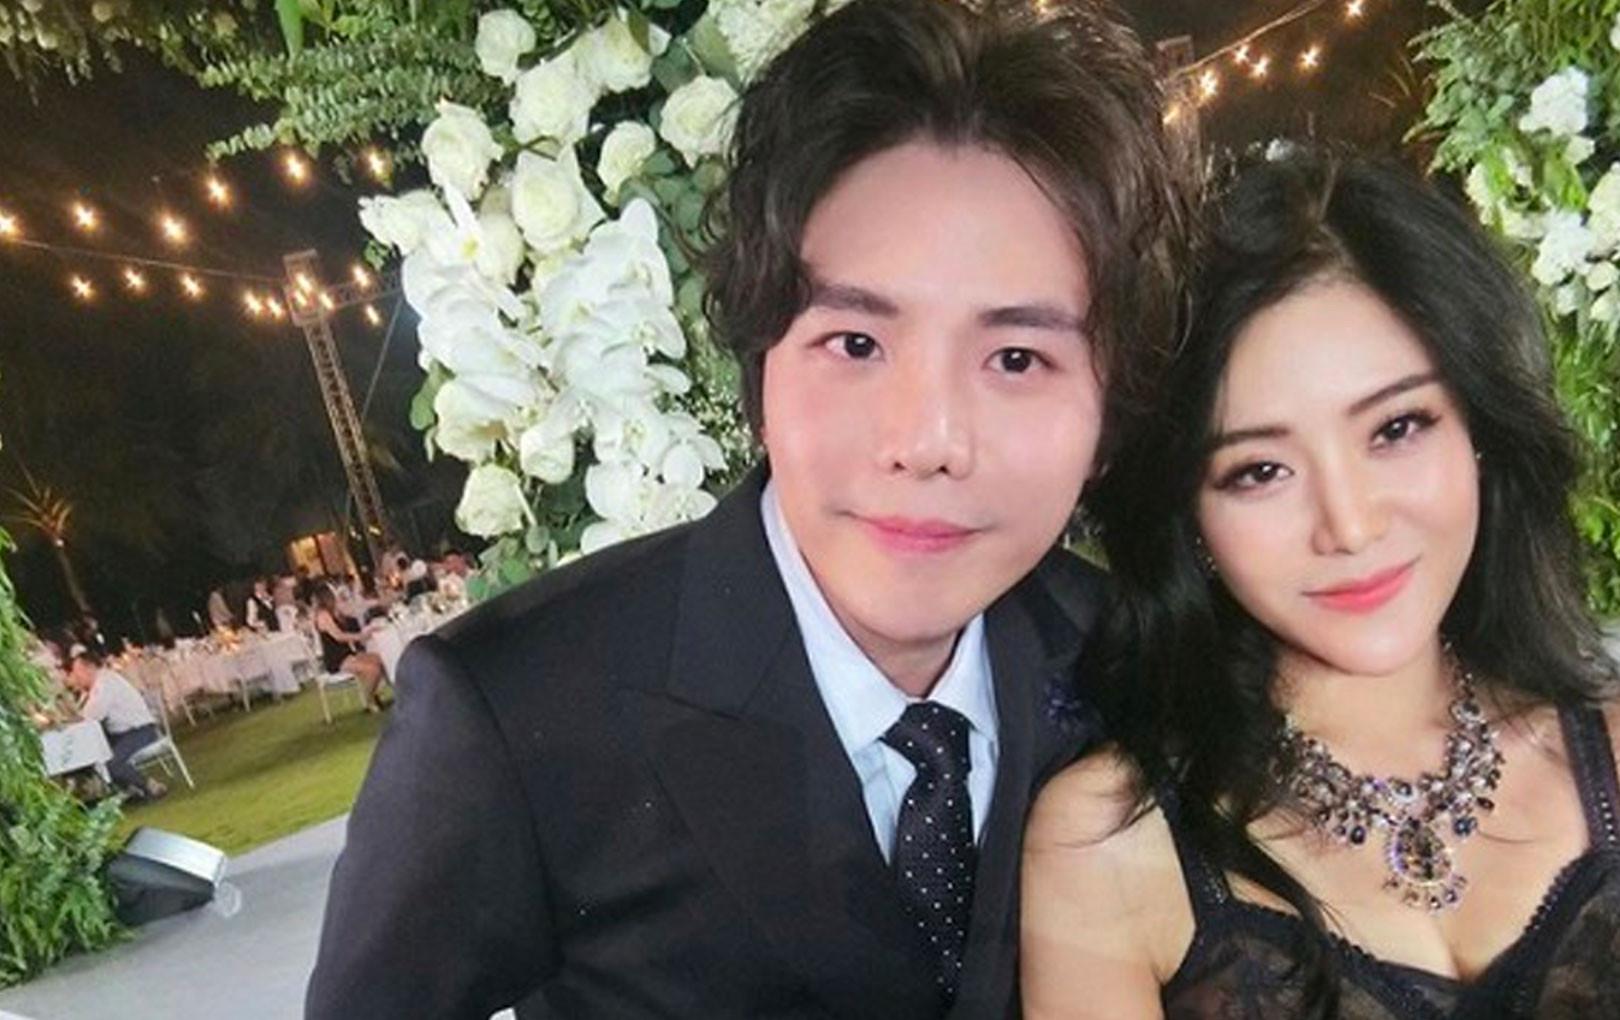 Phản ứng của em gái Ông Cao Thắng khi được ghép đôi với Trịnh Thăng Bình